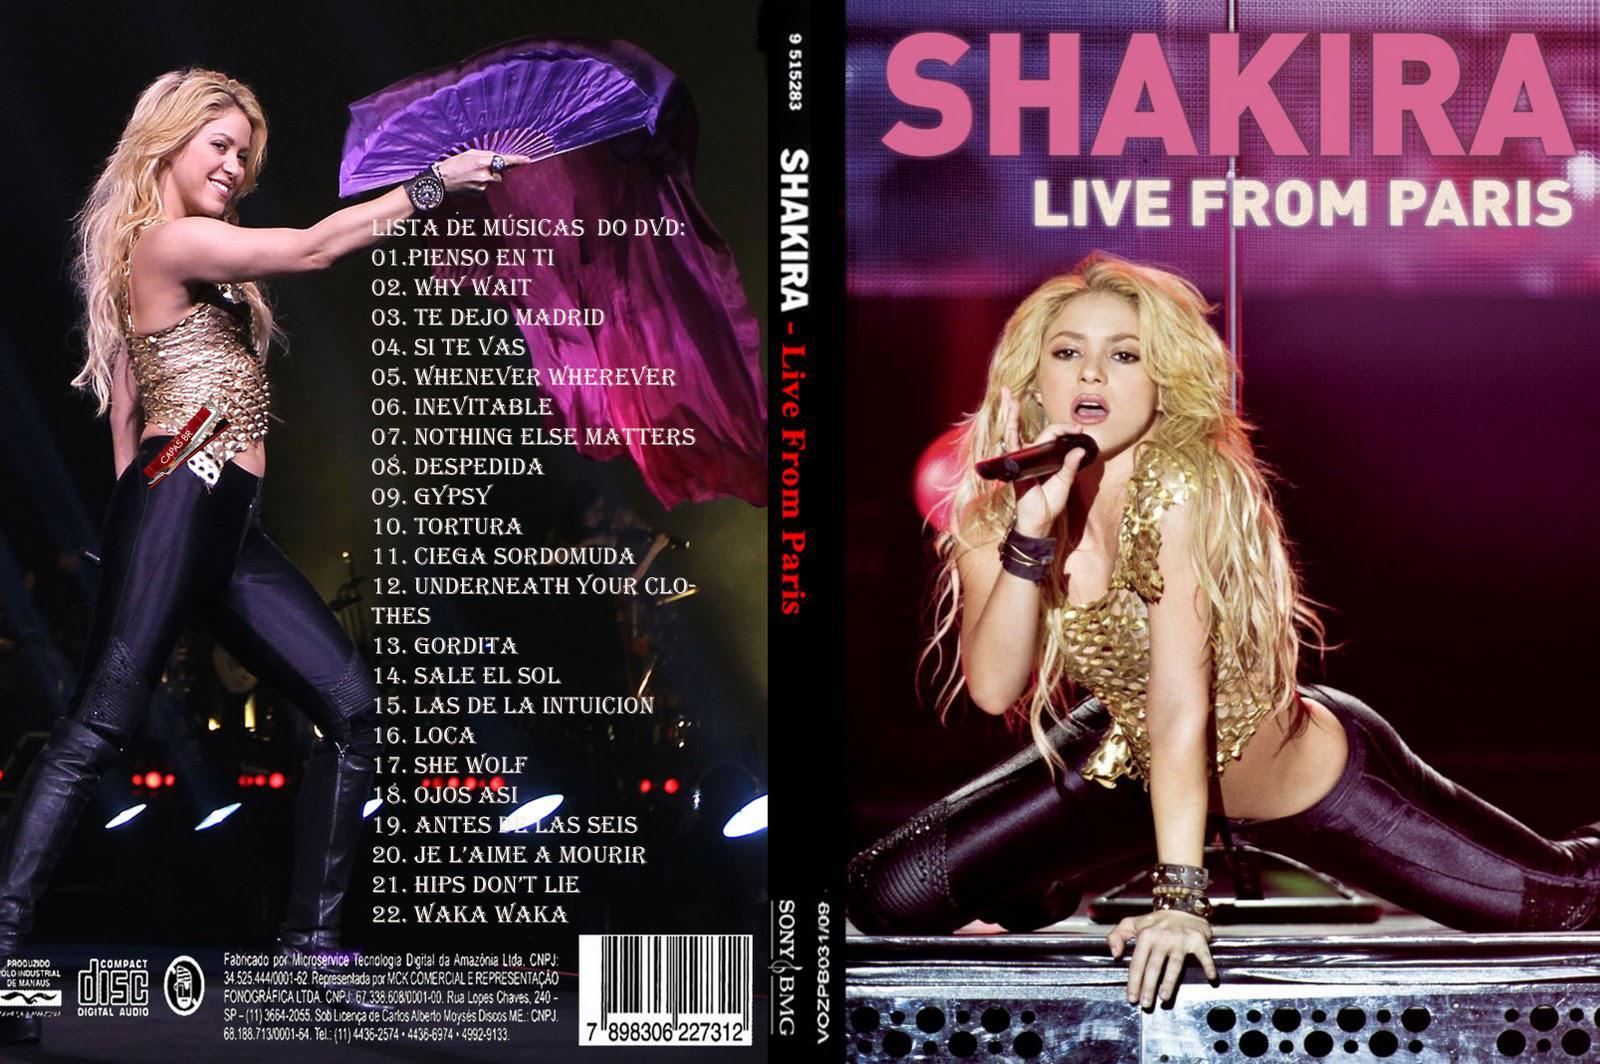 http://4.bp.blogspot.com/-gpW3YnJcGXY/Tt_k-RWuC8I/AAAAAAAASN4/Ayaia9y-zJY/s1600/Shakira+-+Live+from+Paris++2011.jpg